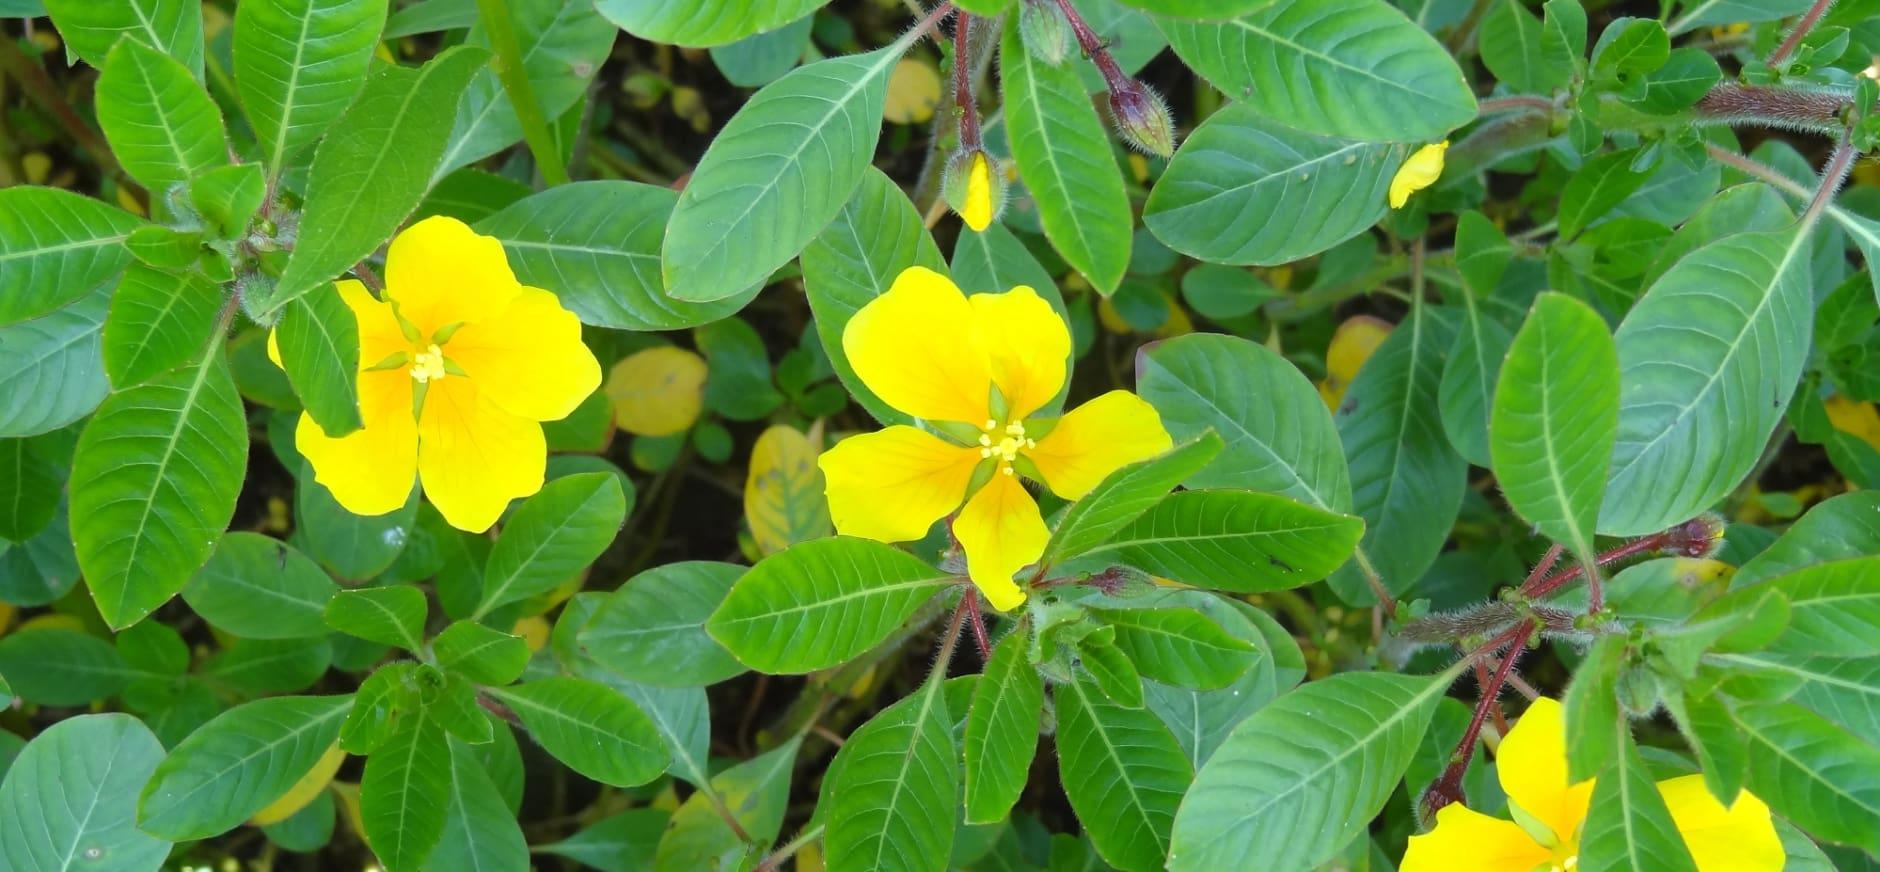 Help jij mee de kleine waterteunisbloem op Tiengemeten te bestrijden?